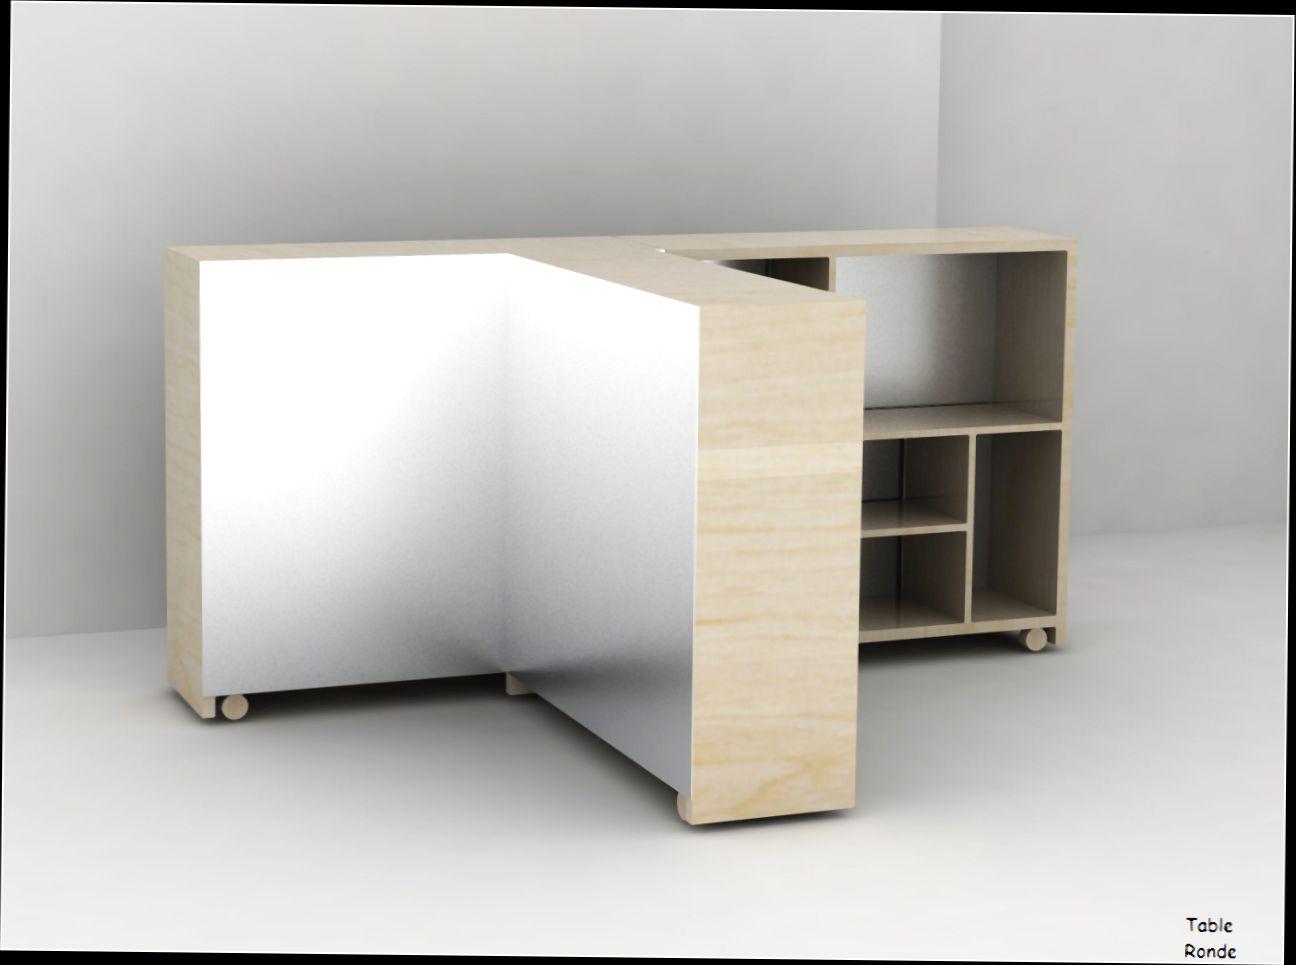 Table haute avec rangement conforama - Atwebster.fr - Maison et mobilier